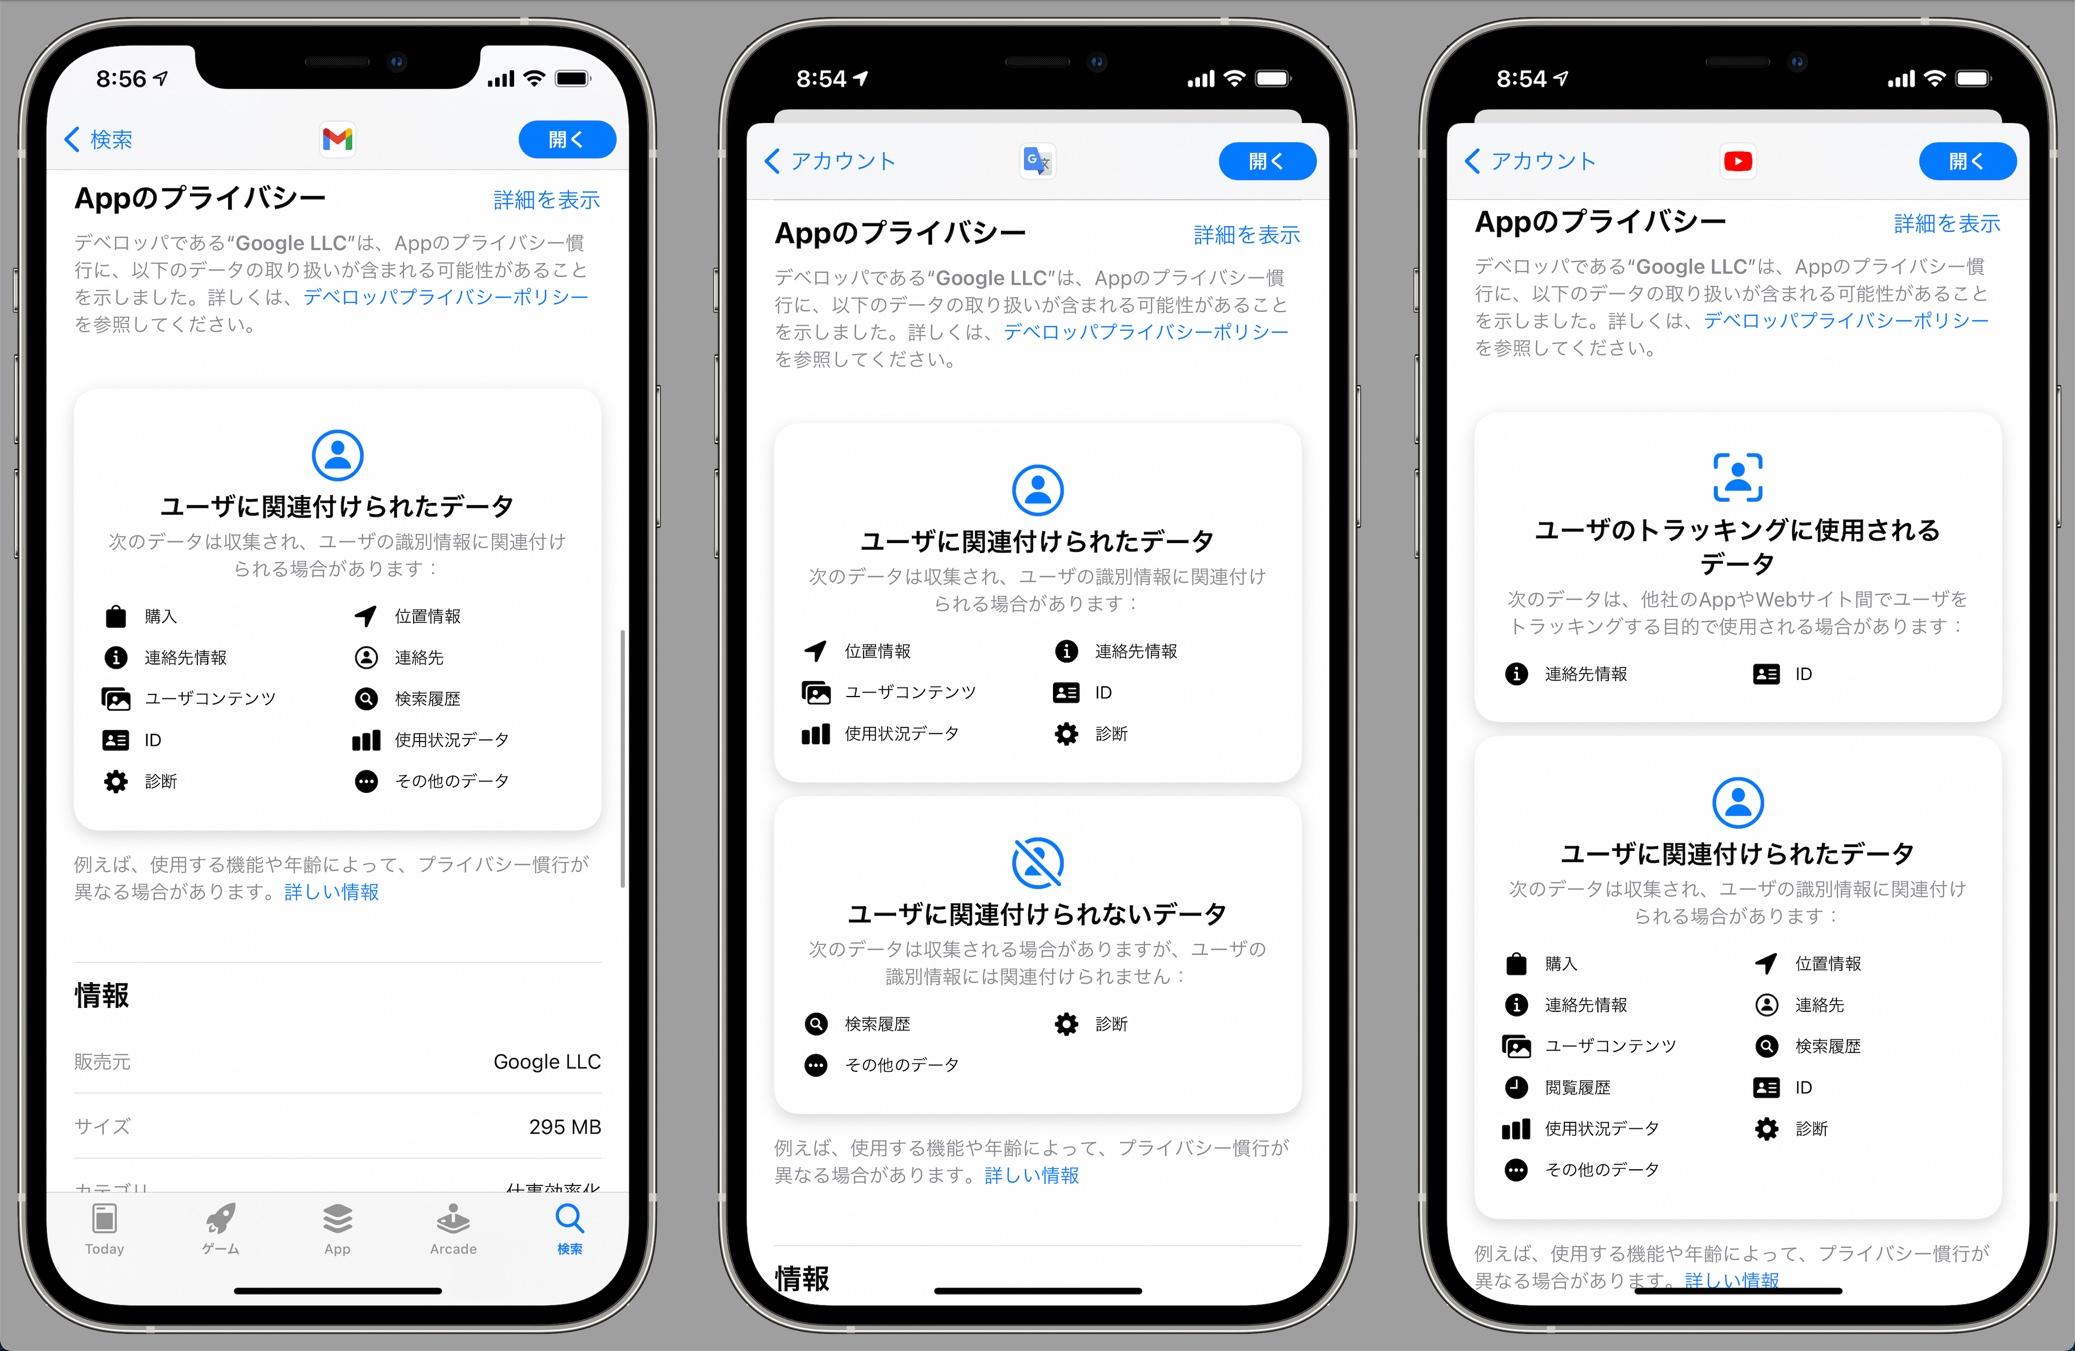 Google、ついにGmailアプリにアプリのプライバシーラベルを追加